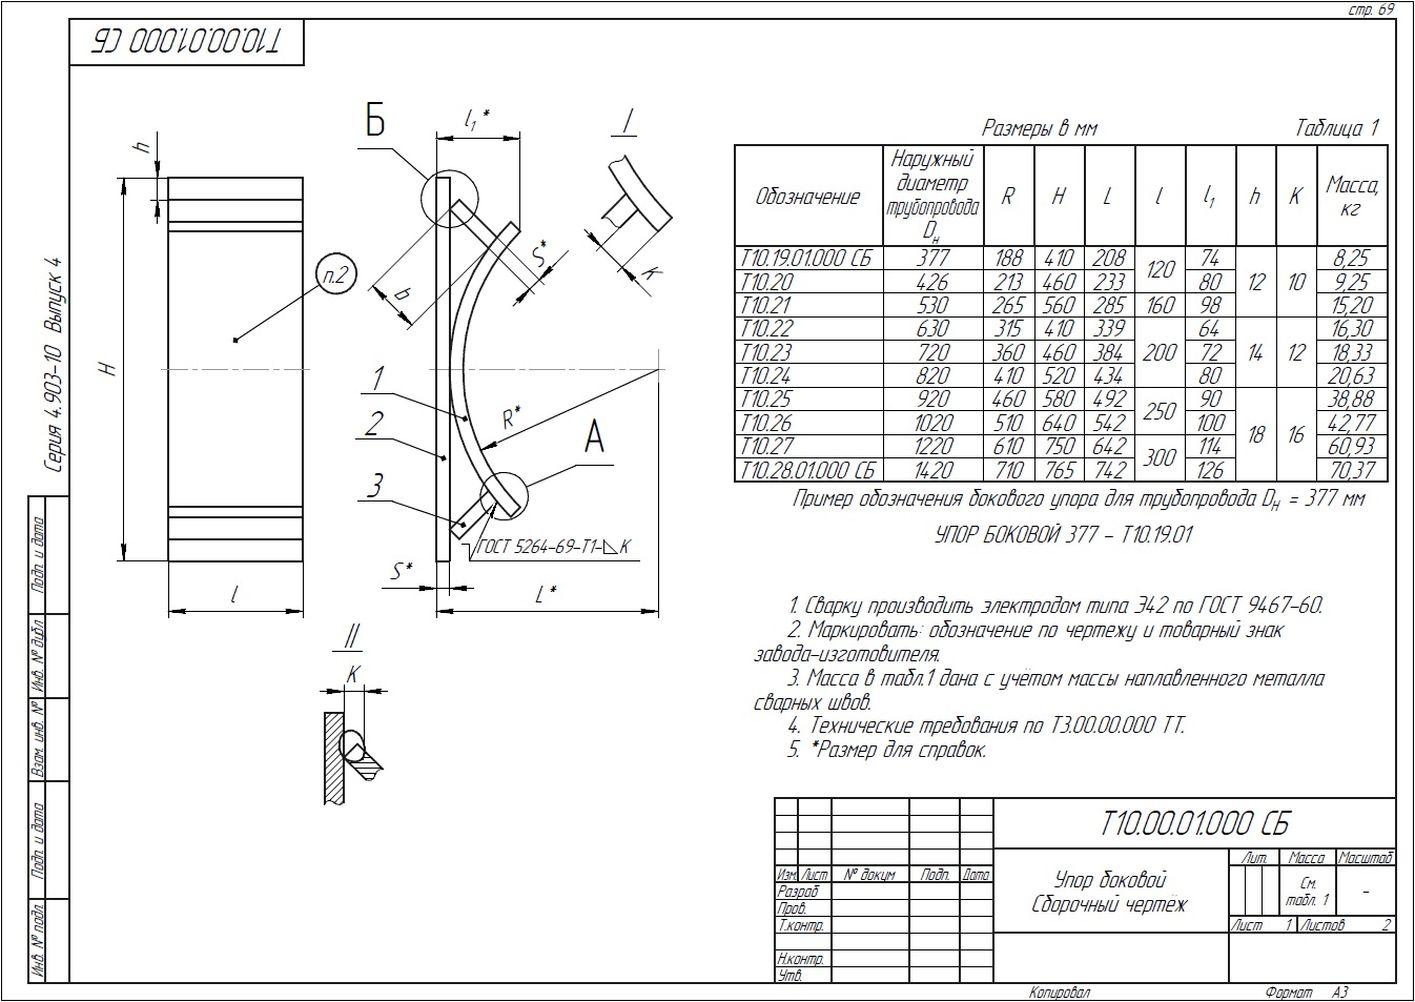 Опора неподвижная боковая Т10 серия 4.903-10 вып.4 стр.7